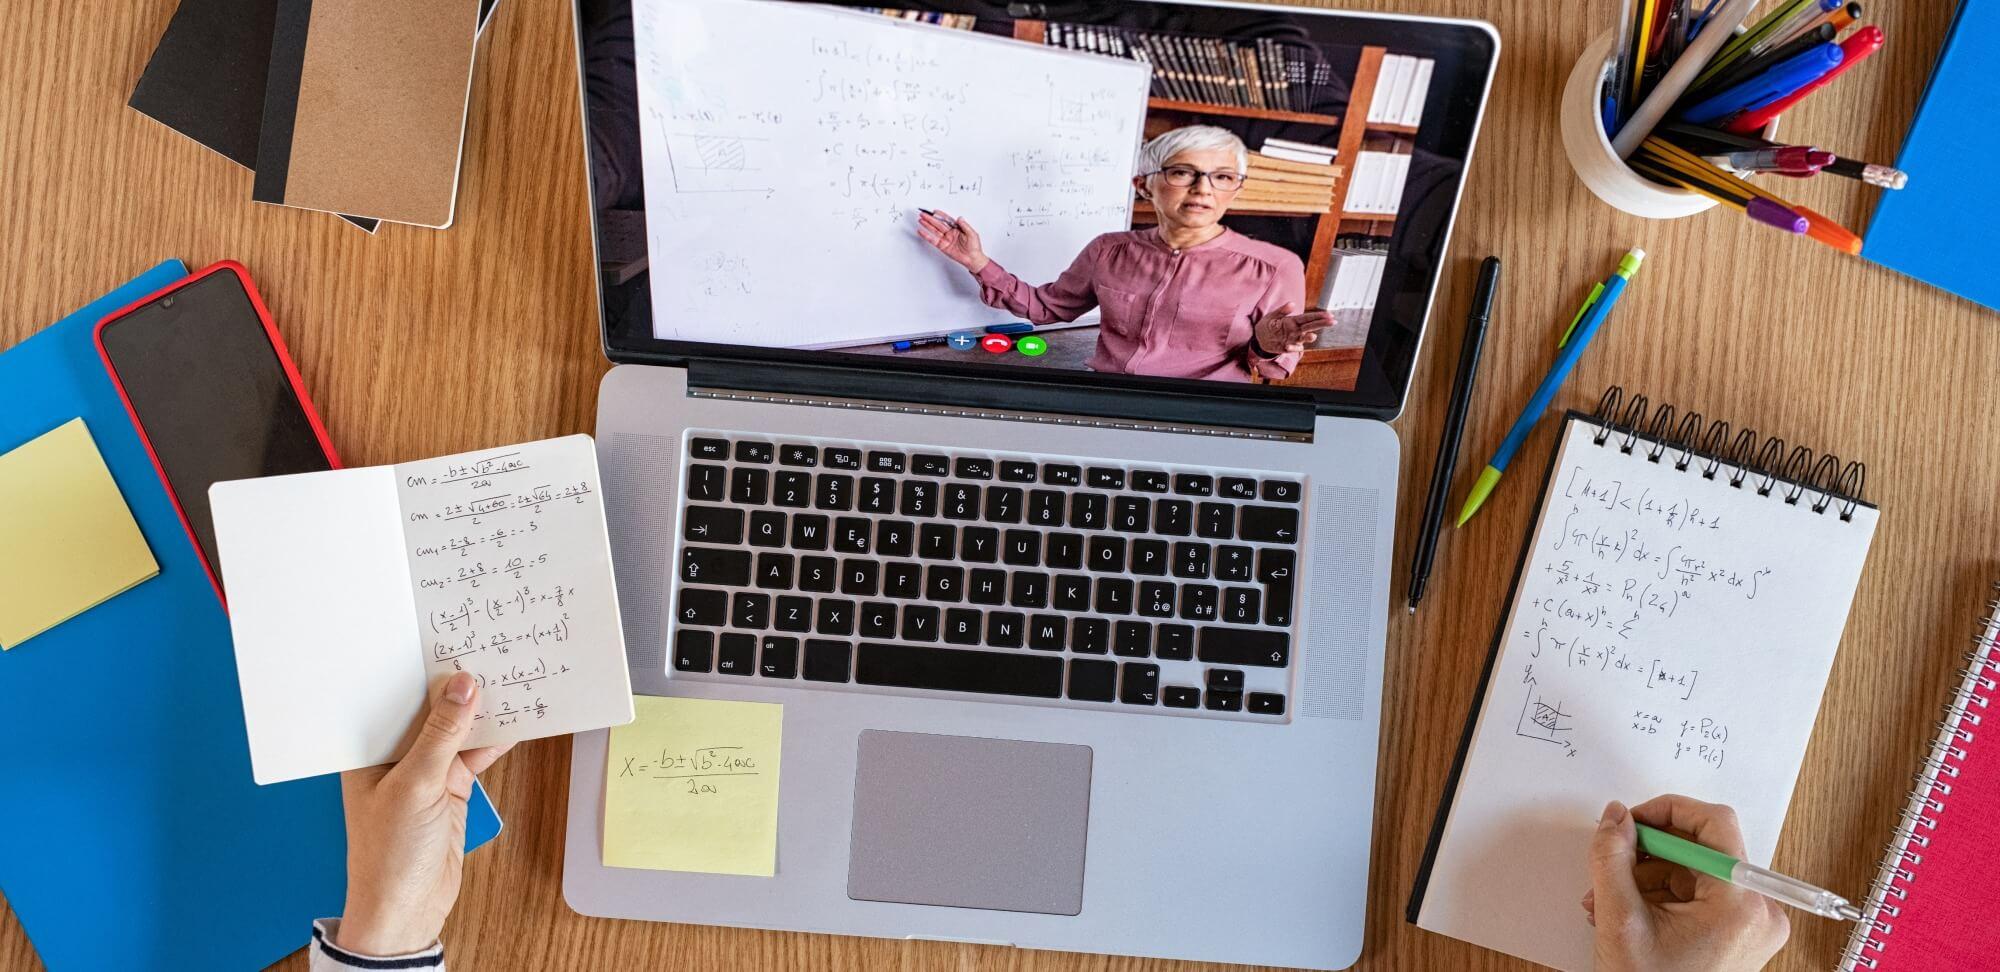 atividades educativas online: imagem de uma mulher explicando algo na tela de um computador